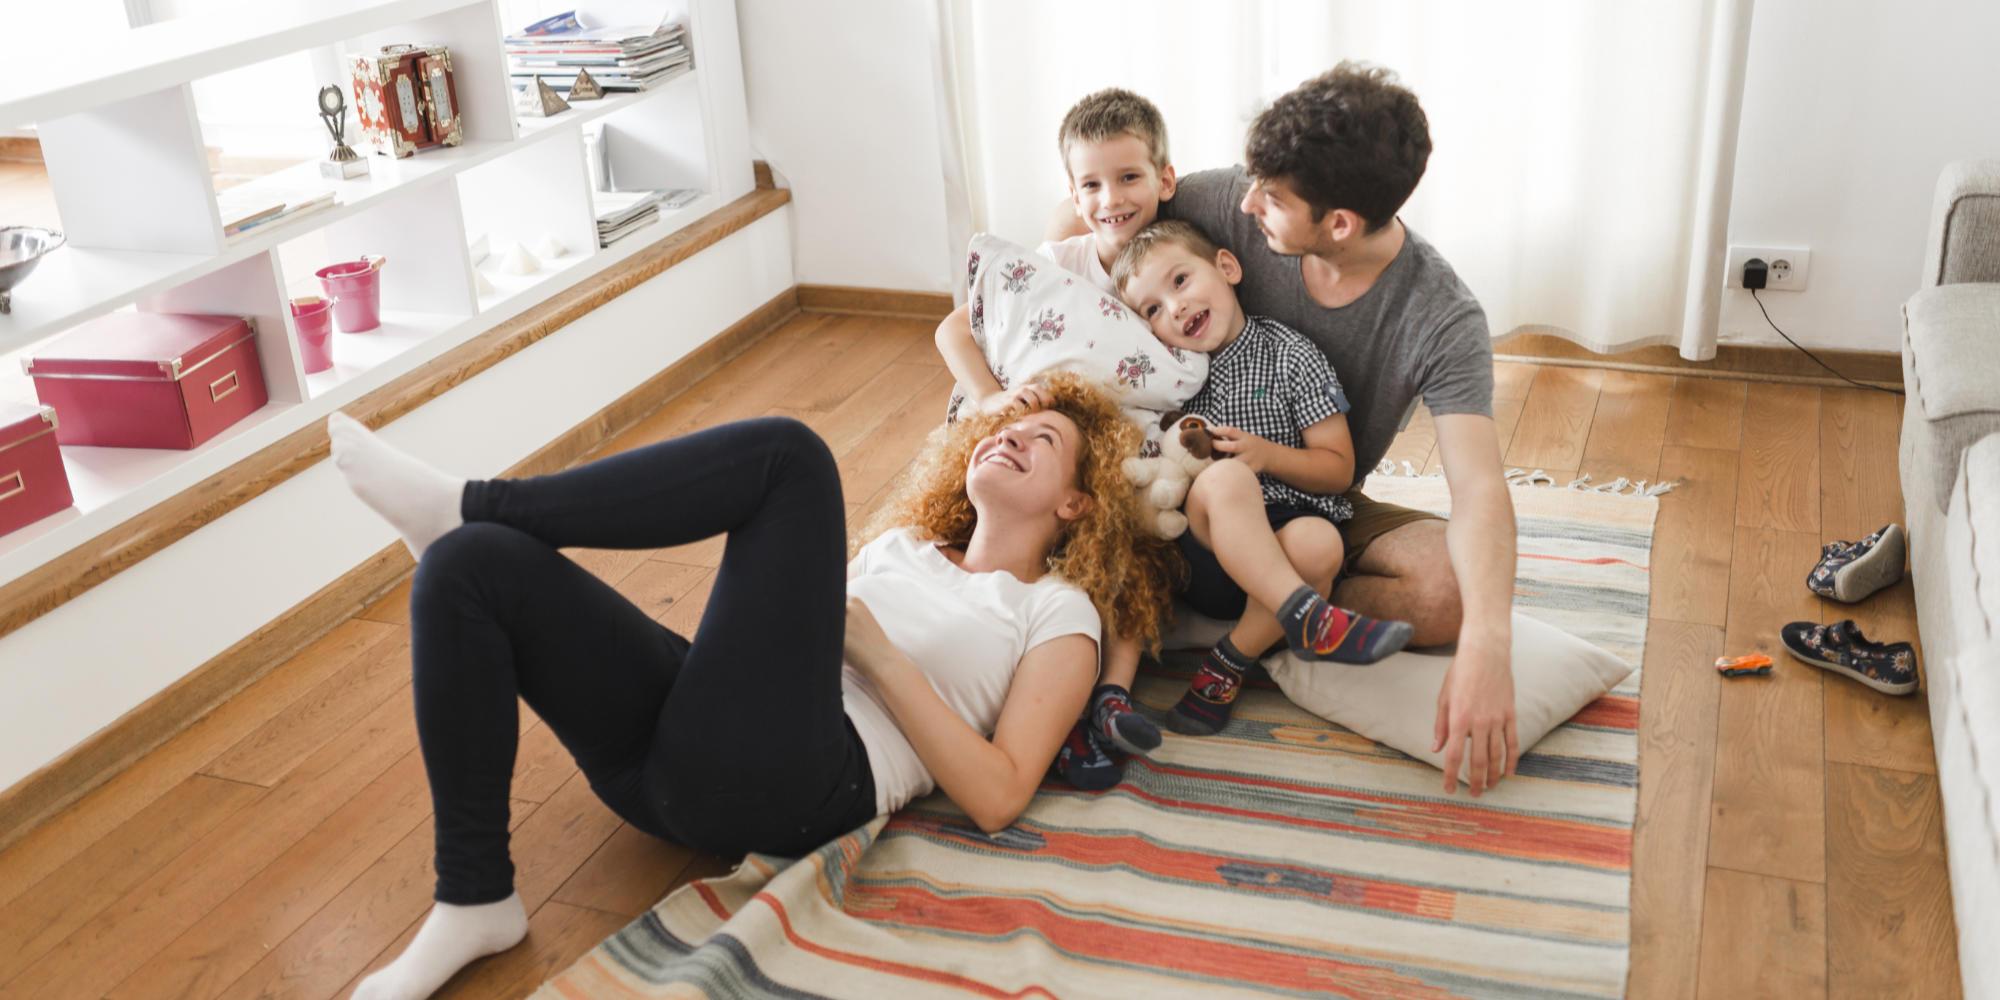 Alarme maison : comment bien la choisir